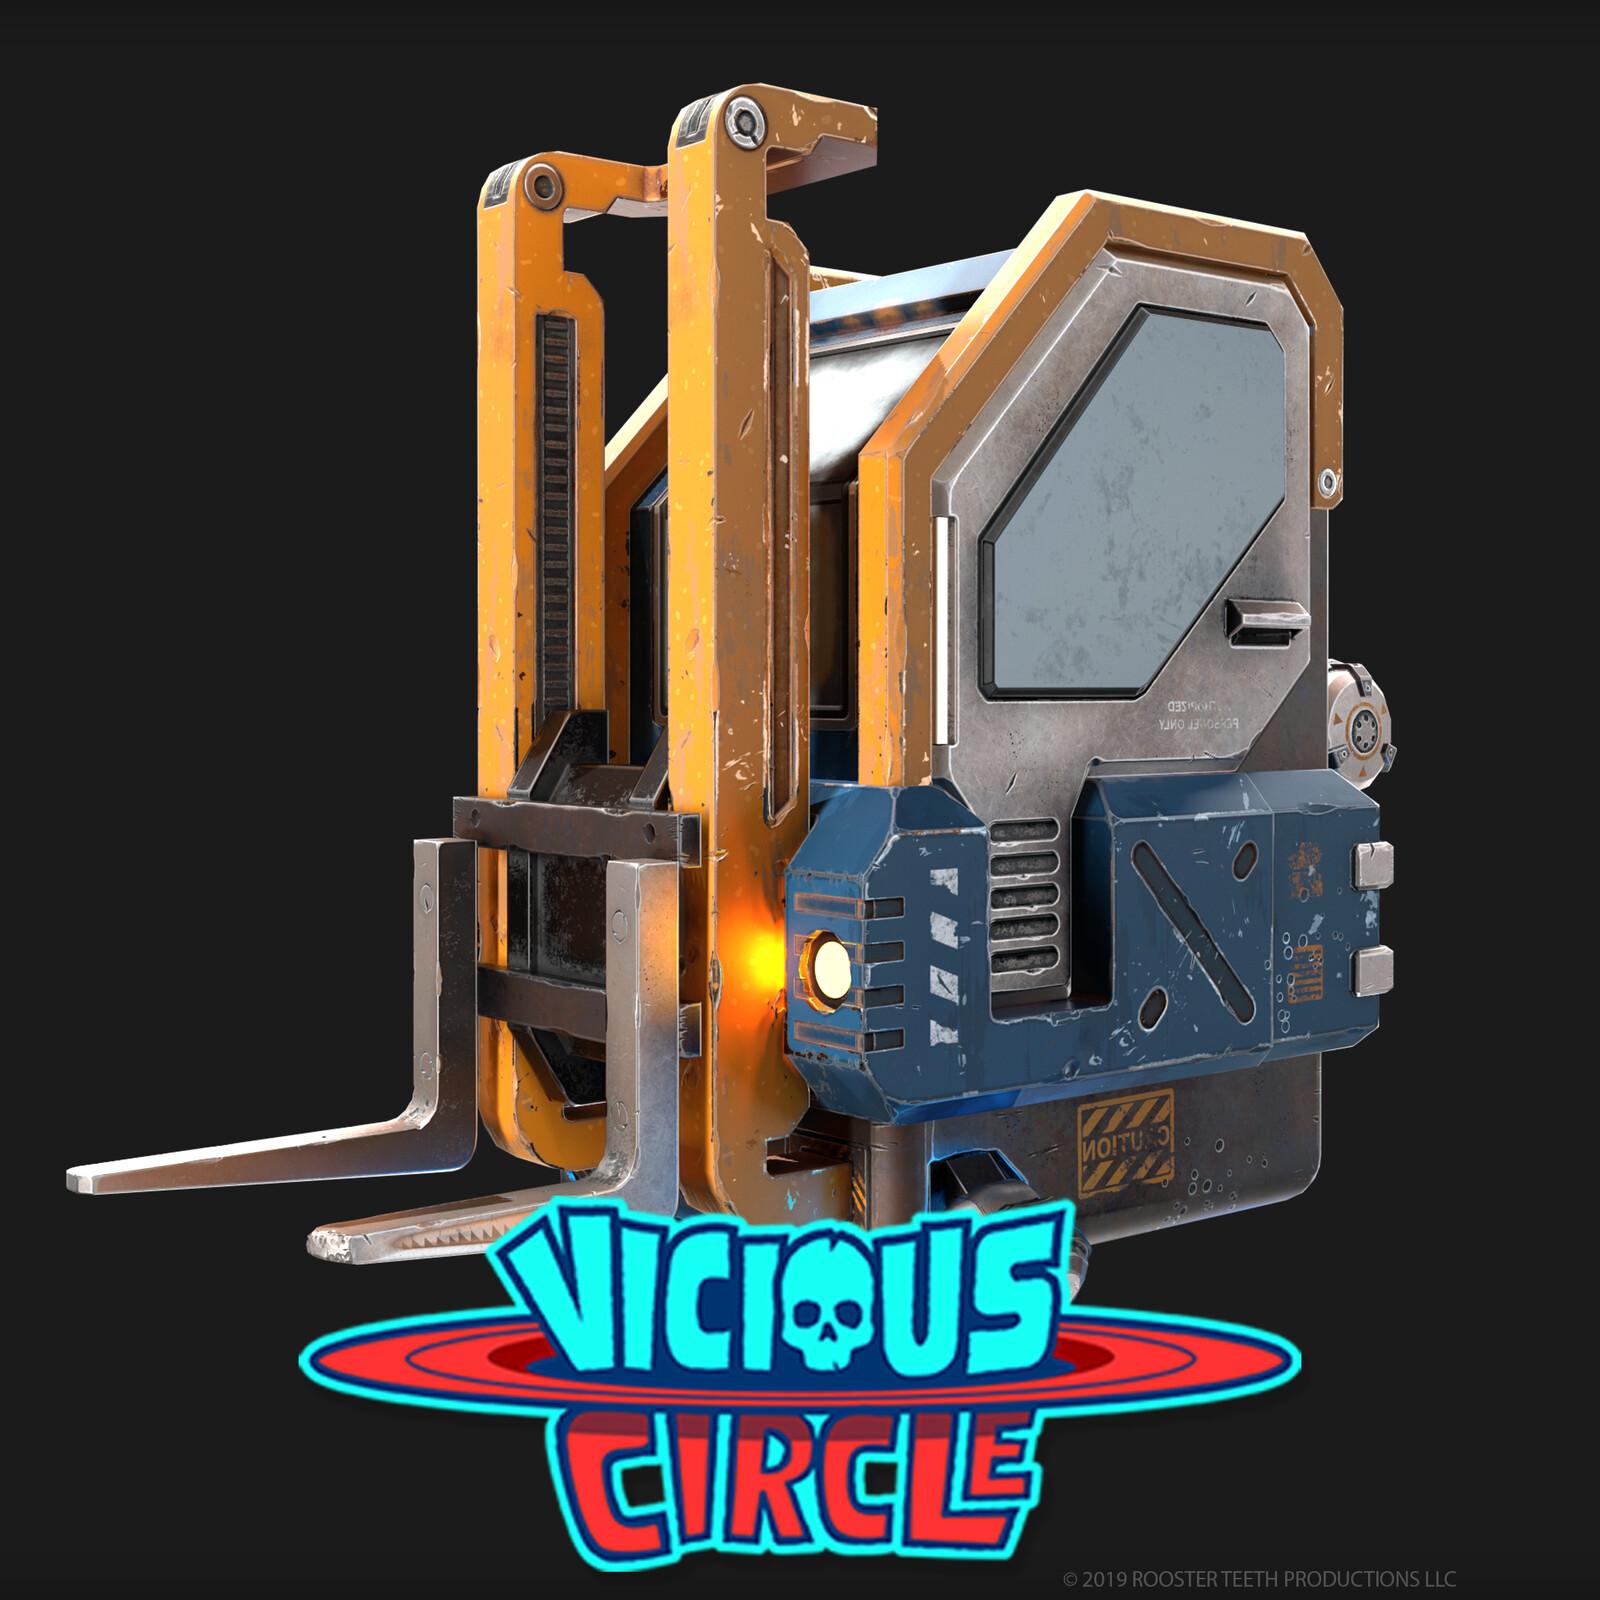 Vicious Circle - Forklift